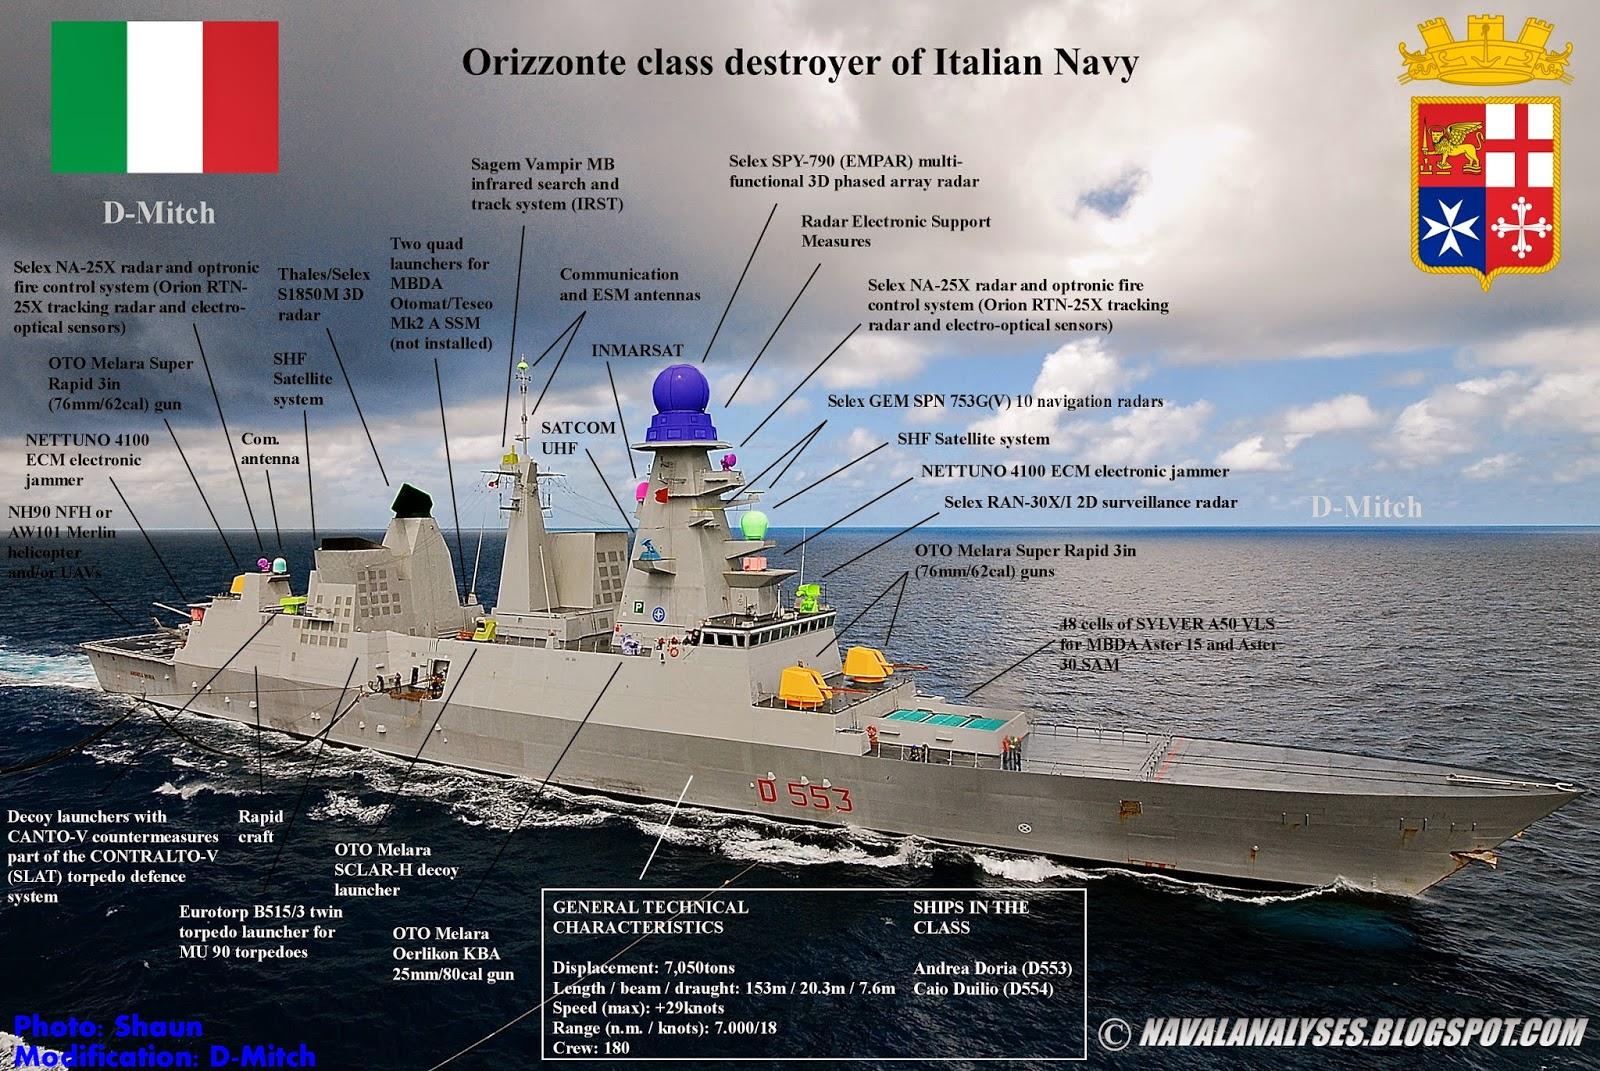 المدمرة هورايزون كلاس Andrea+Doria+destroyer